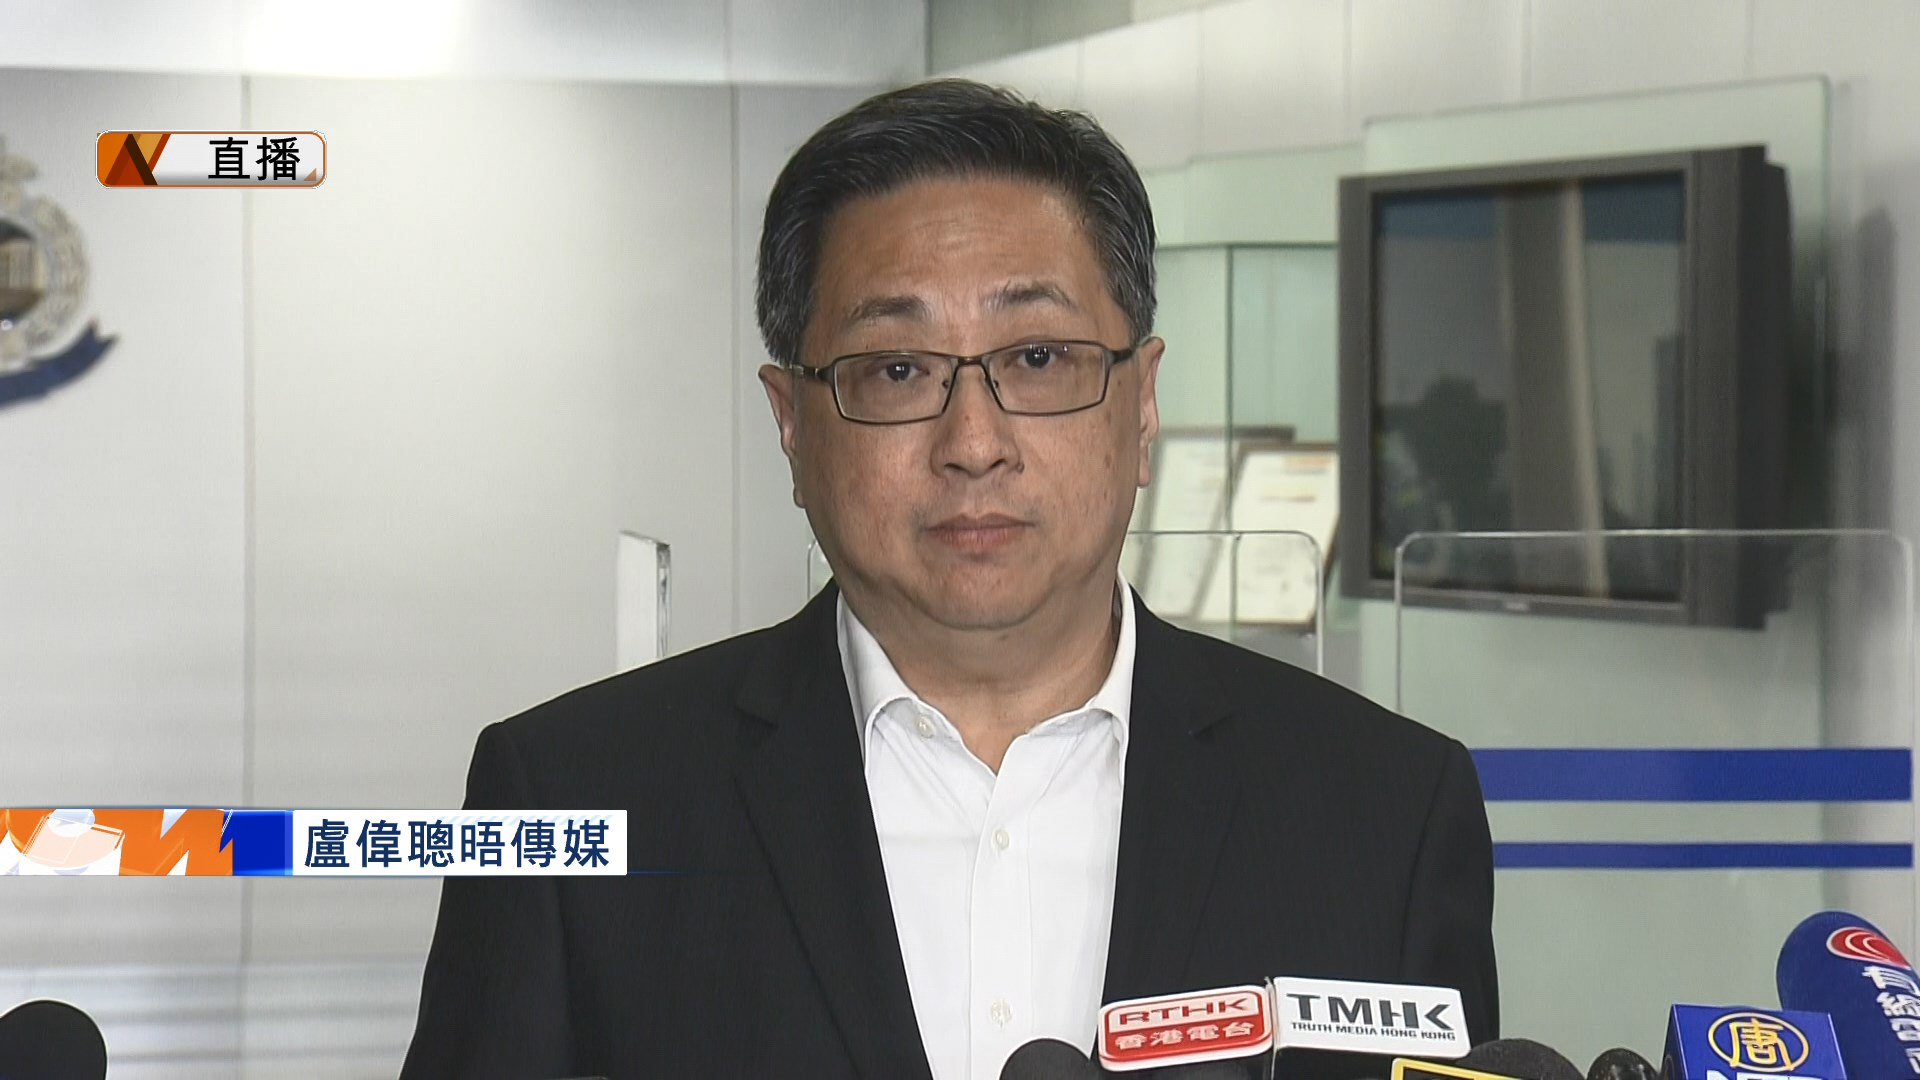 【足本】盧偉聰:上周三示威非暴動 僅部分暴力行為構成暴動